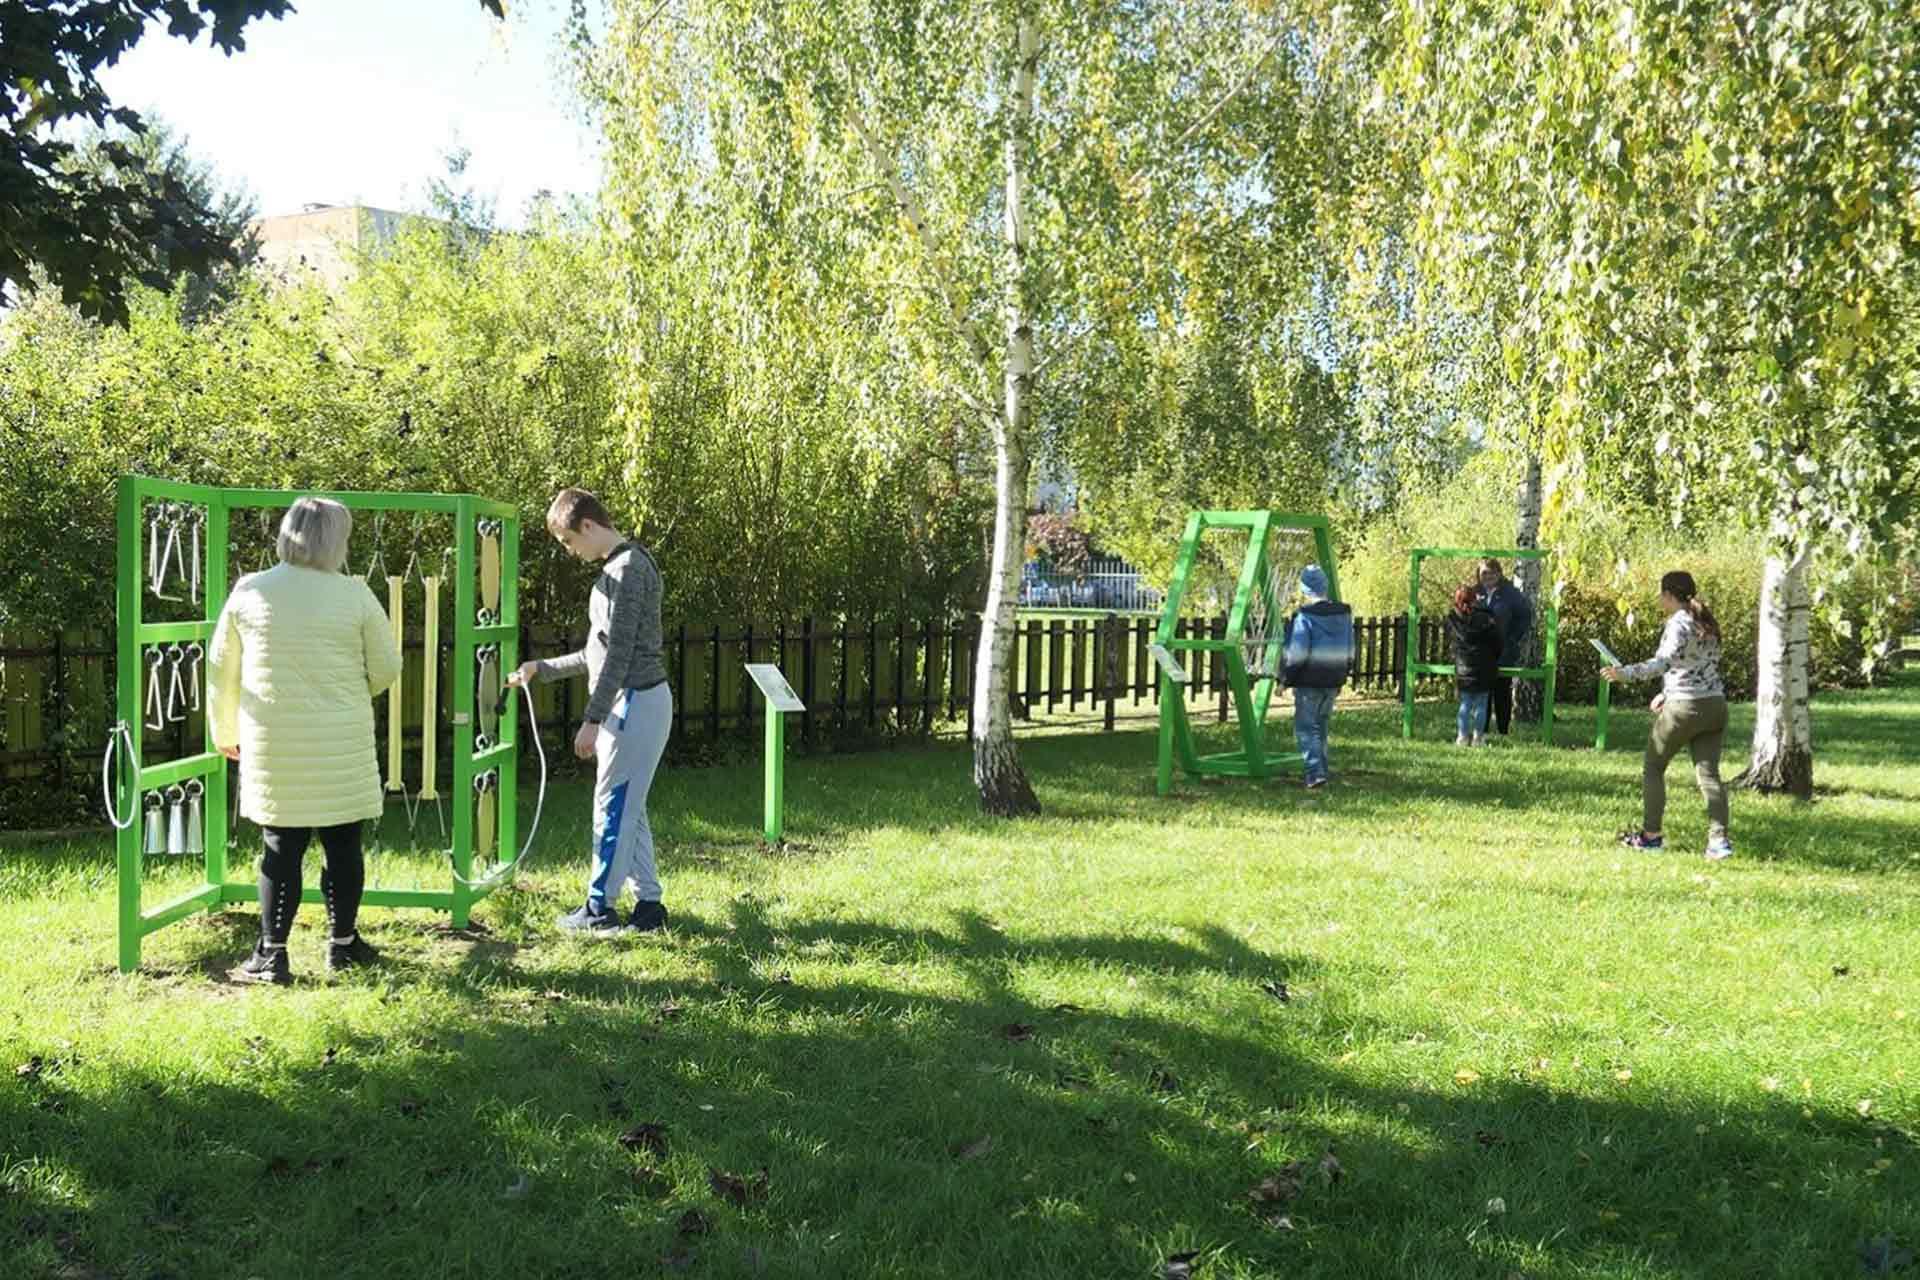 plac zabaw dostosowany dla osób niepełnosprawnych